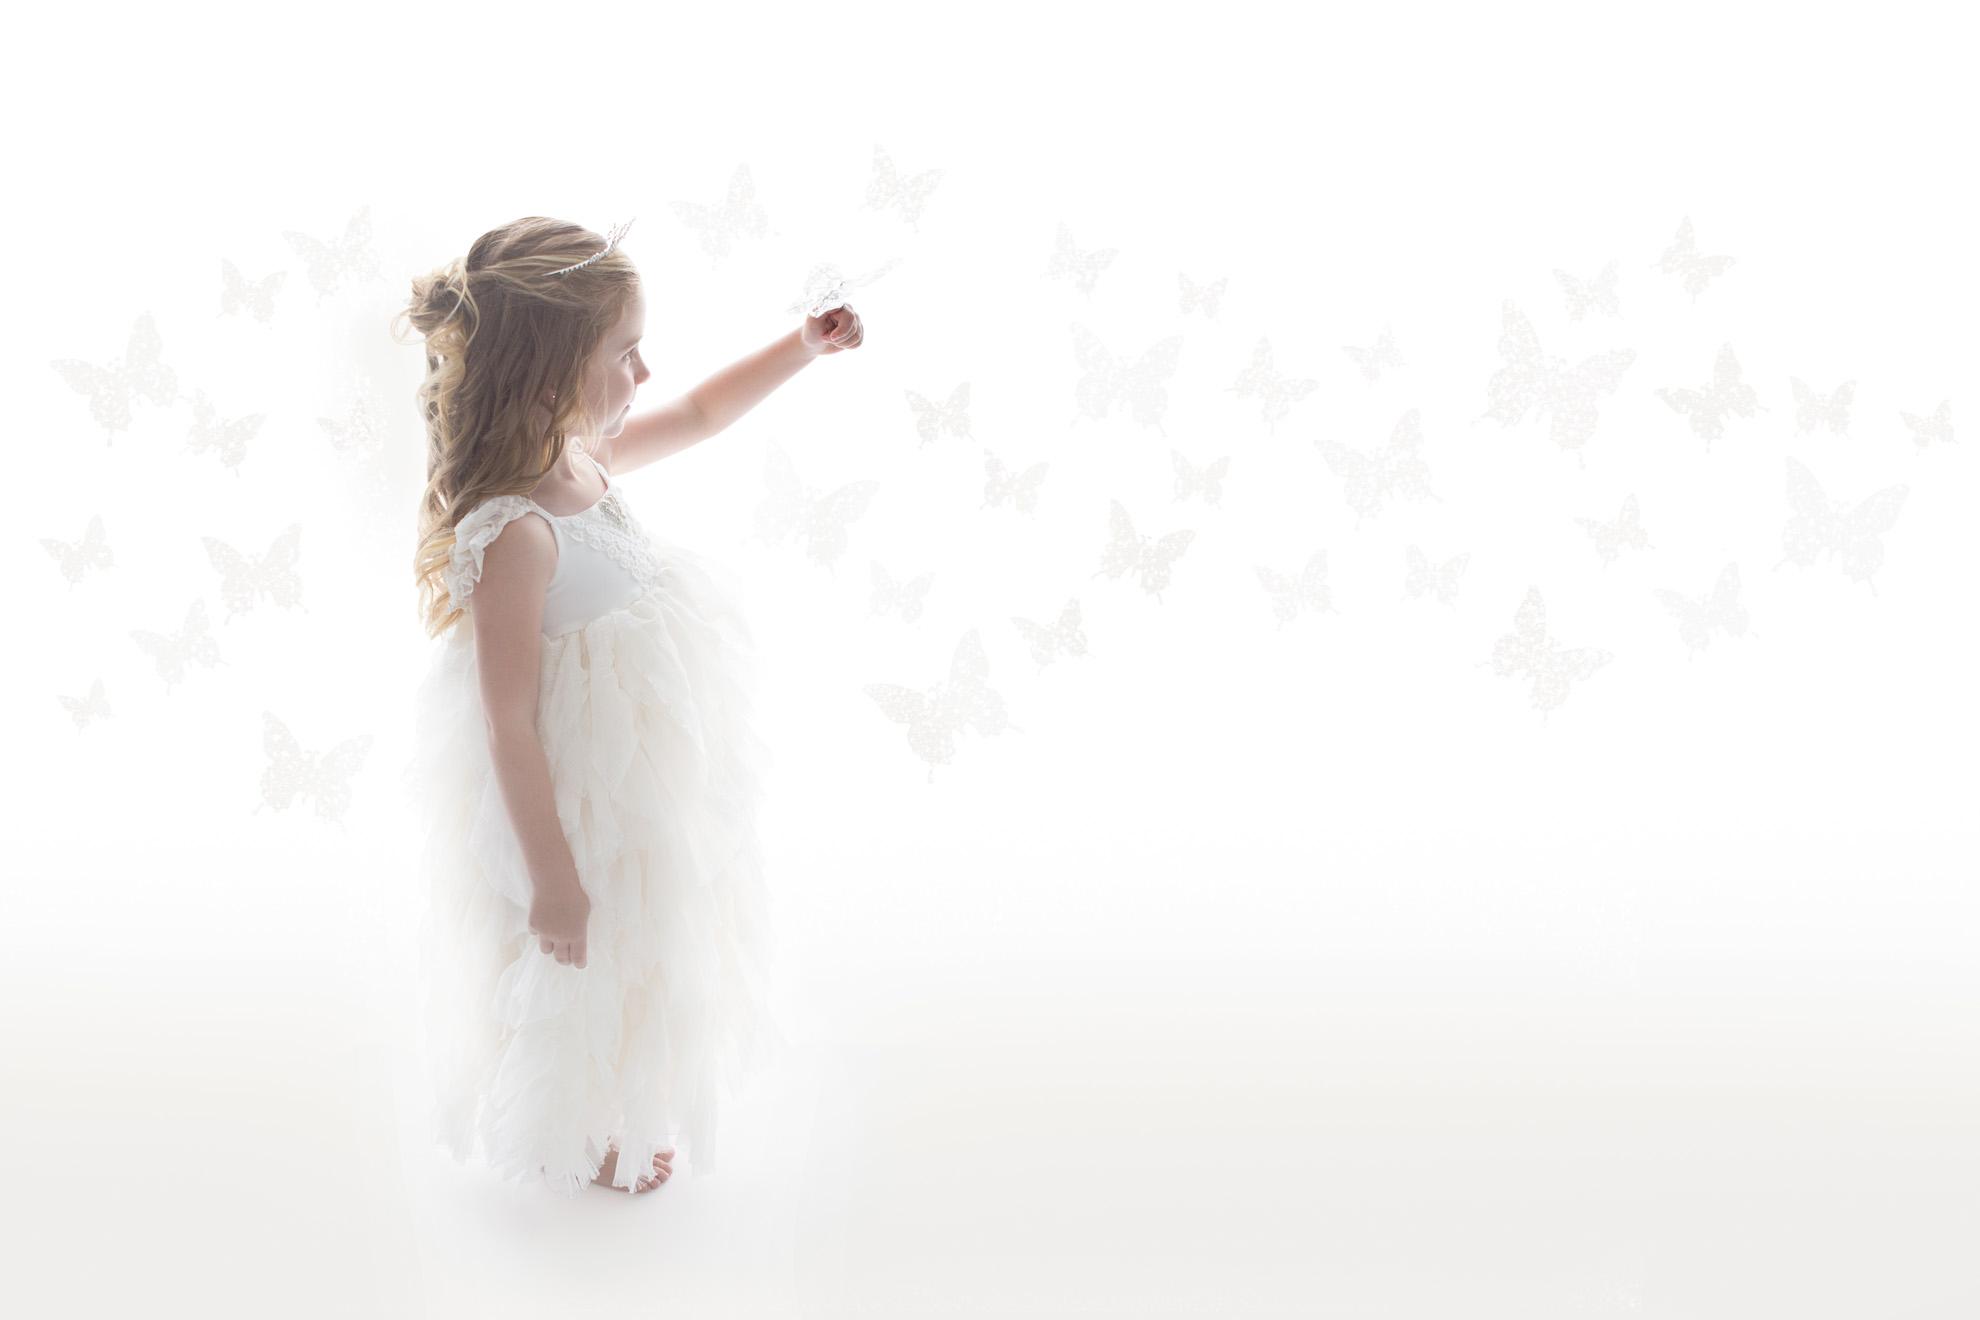 Fairytale-photo-shoot.jpg